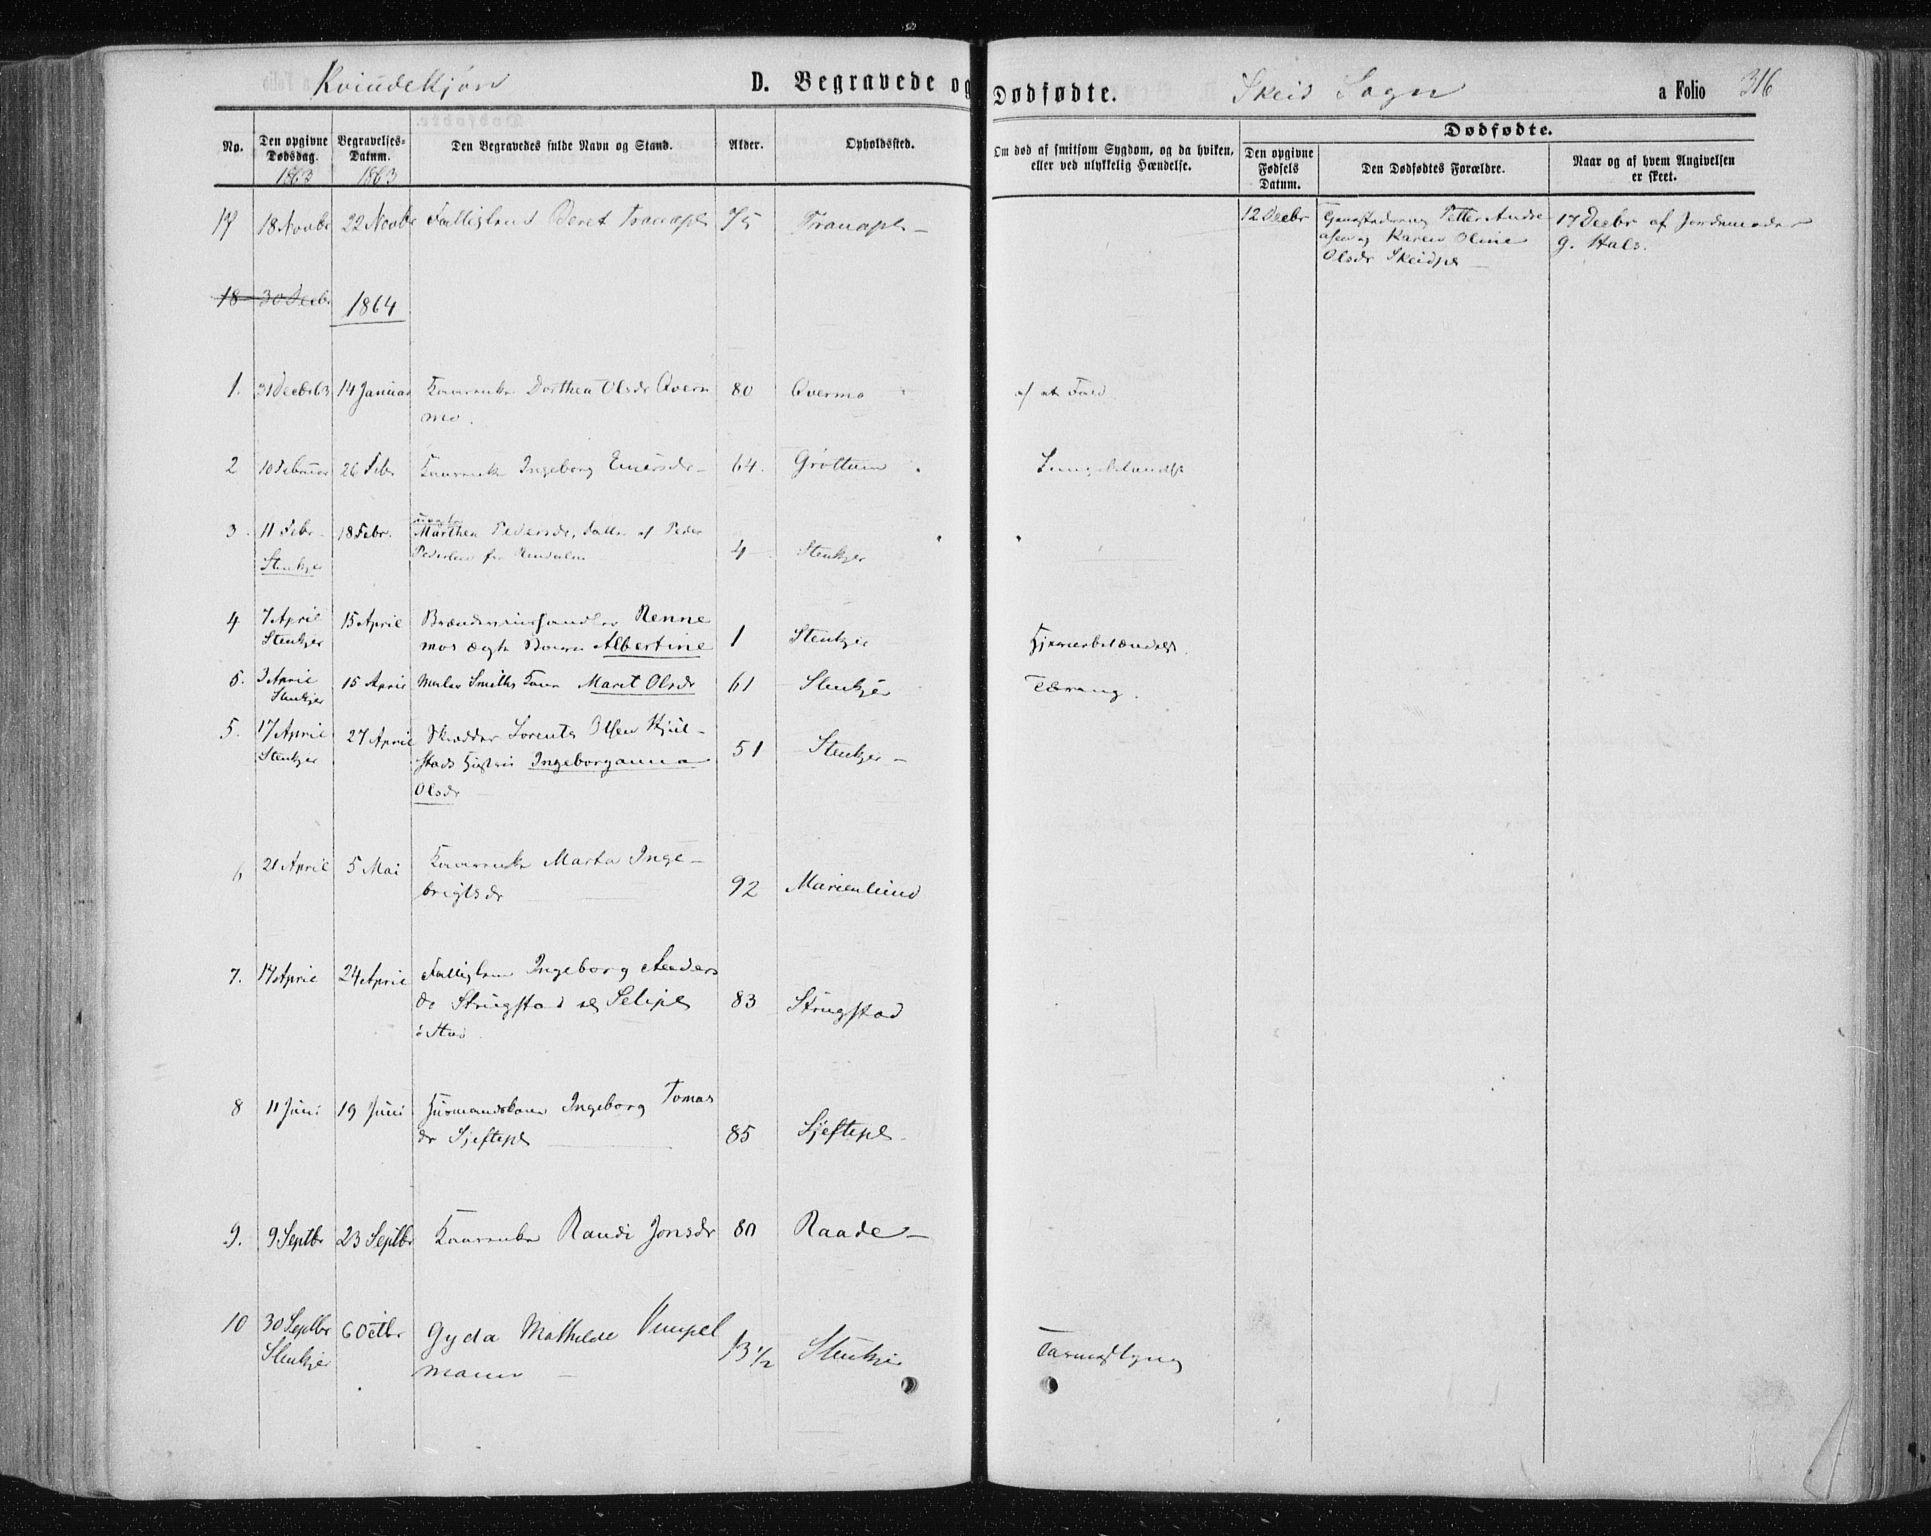 SAT, Ministerialprotokoller, klokkerbøker og fødselsregistre - Nord-Trøndelag, 735/L0345: Ministerialbok nr. 735A08 /2, 1863-1872, s. 316